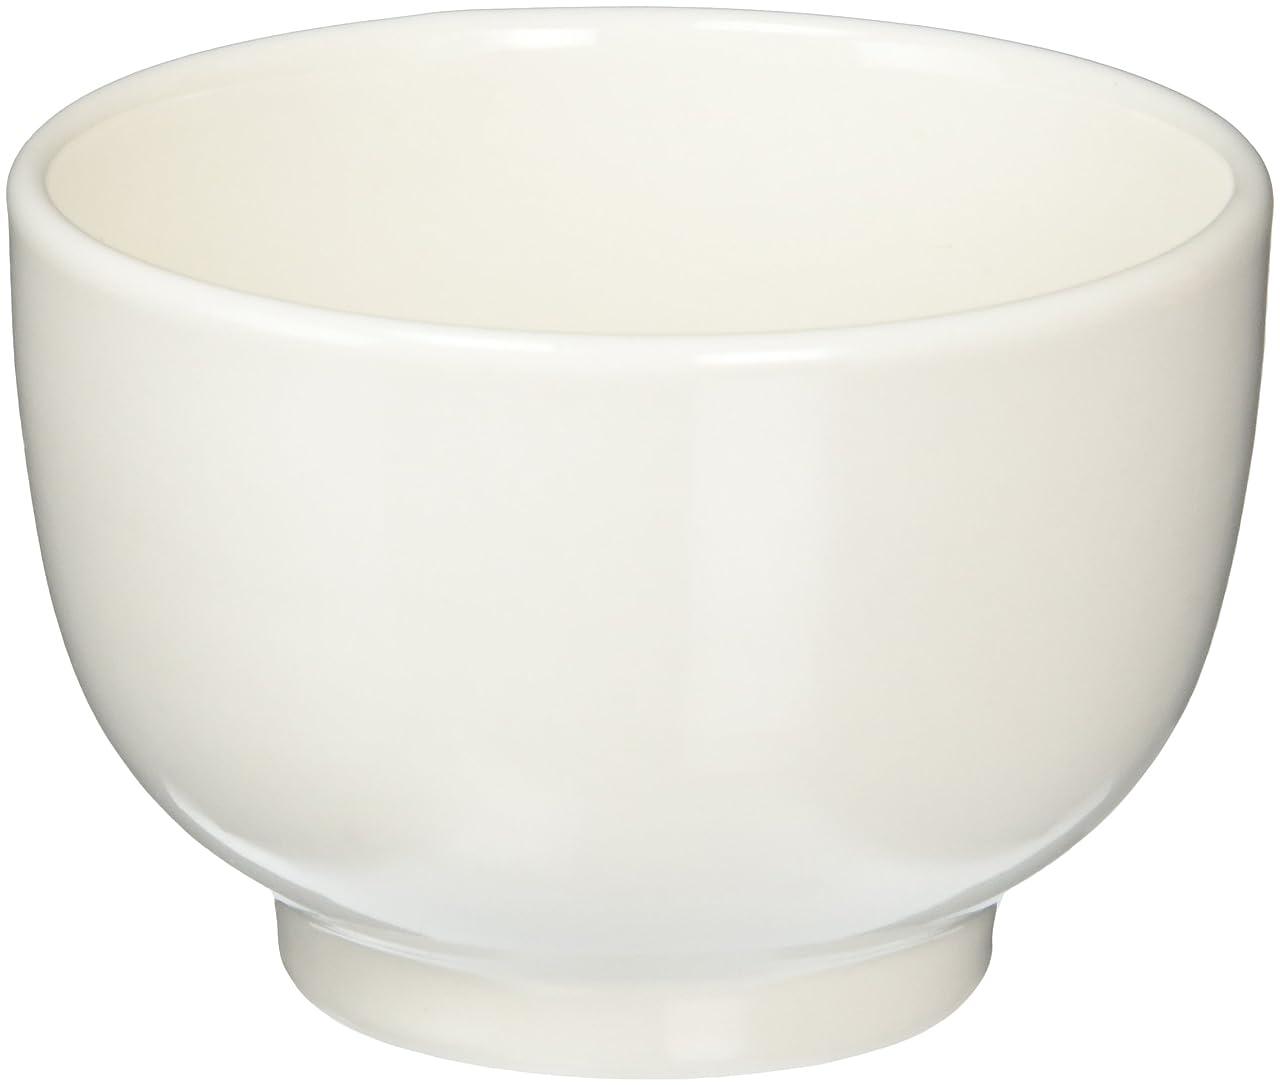 混乱したラインナップタイプ森修焼(しんしゅうやき) 汁わん 白 直径105×高さ70mm 【日本製陶器?電子レンジOK?遠赤外線?マイナスイオン】